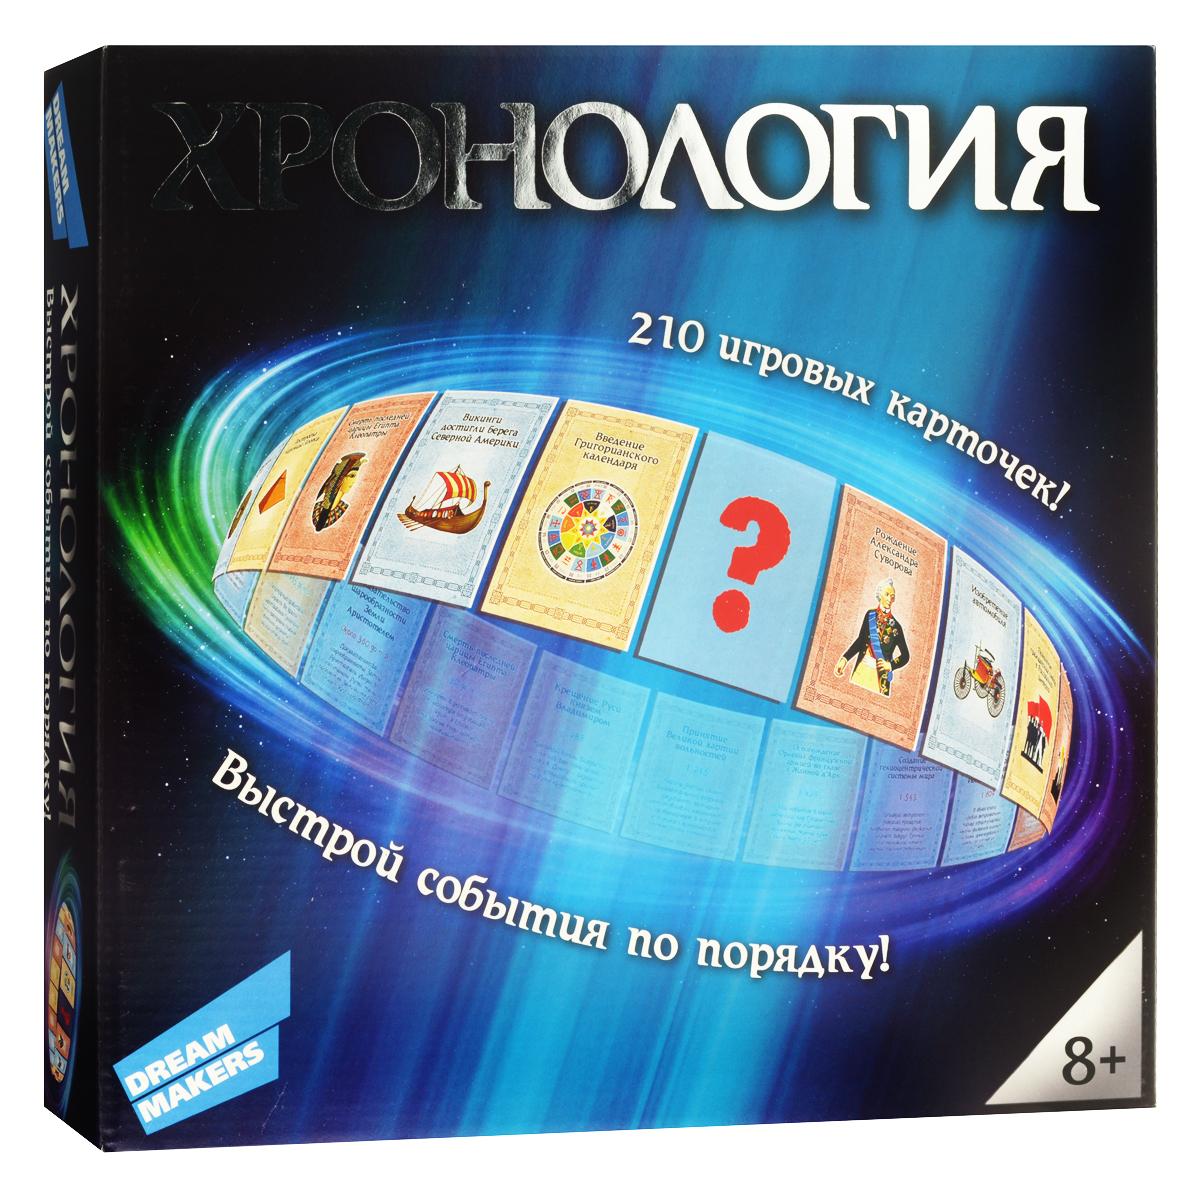 Настольная игра Dream Makers Хронология1309Настольная игра Dream Makers Хронология - это игра-викторина, в которой игрокам необходимо расставить в хронологической последовательности 210 величайших исторических событий. В начале игры каждый участник получает колоду из 20 карточек событий. Правильно выкладывая их друг за другом, игрок формирует свою хронологическую цепочку. Все карточки разделены на три вида: культура, наука и битвы. Верно выложенная карточка определенного вида кроме того, что приближает игрока к победе, также дает право выполнить одно особое действие. При помощи этого действия можно как упростить себе игру, так и сделать ее более сложной другому игроку. Победителем станет тот, чья хронологическая цепочка окажется самой длиной. Время игры: 30-60 минут. В состав игры входит: карточки событий - 210 шт., правила игры.